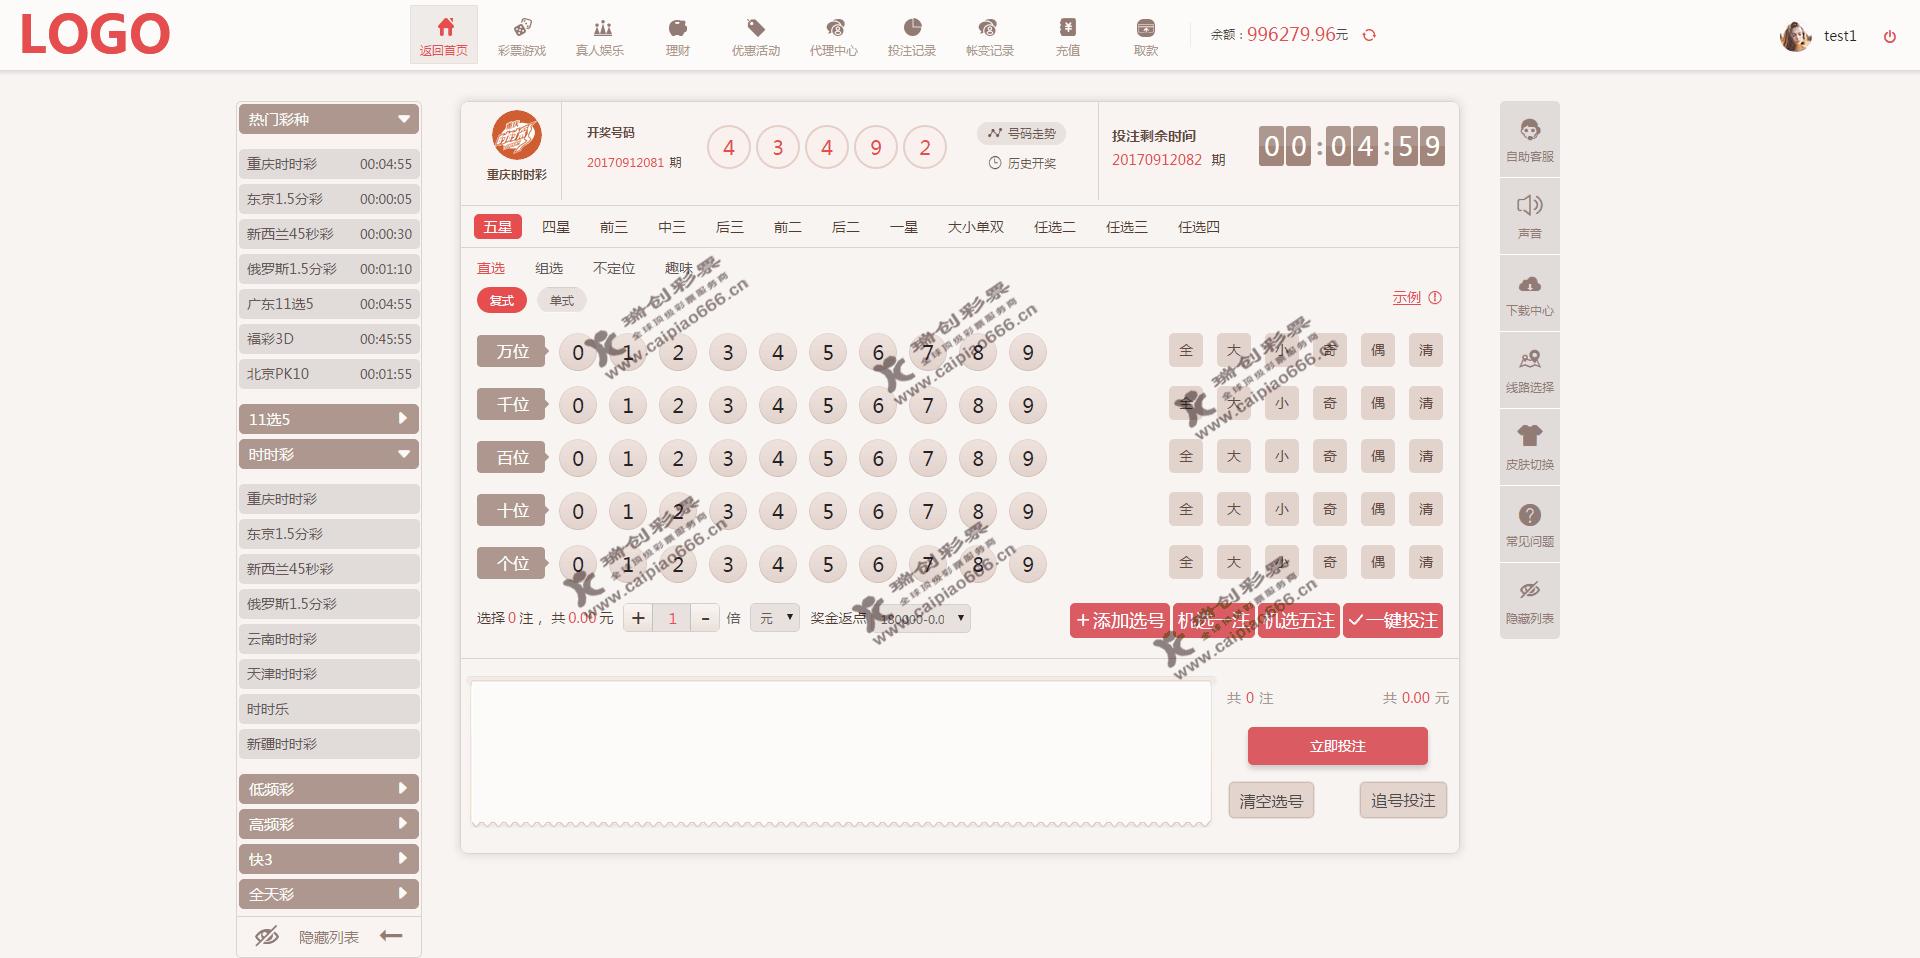 搭建彩票网站--彩票网站现金盘和信用盘开发